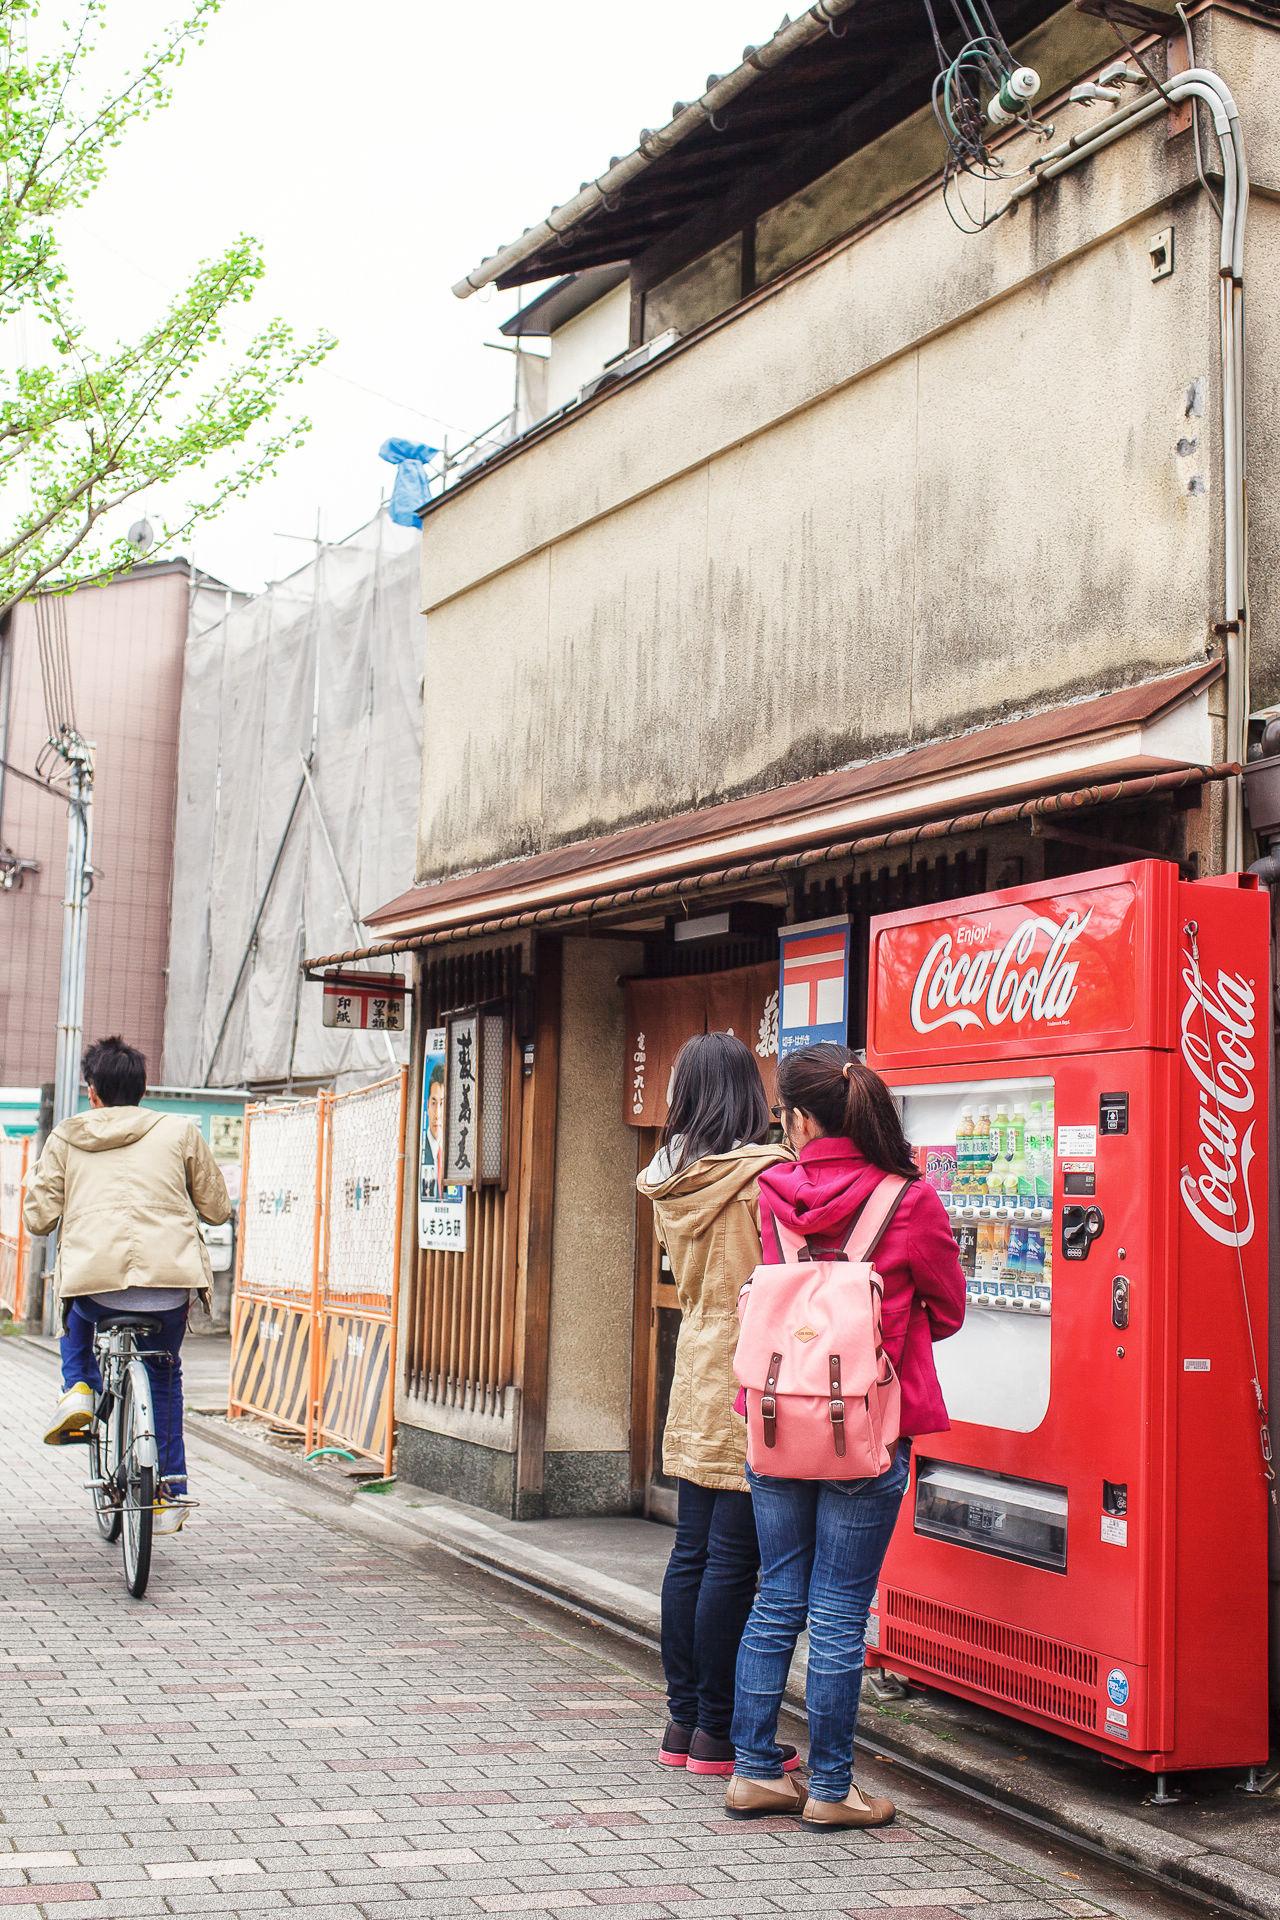 【京都拍婚紗】景點 – 京都街道